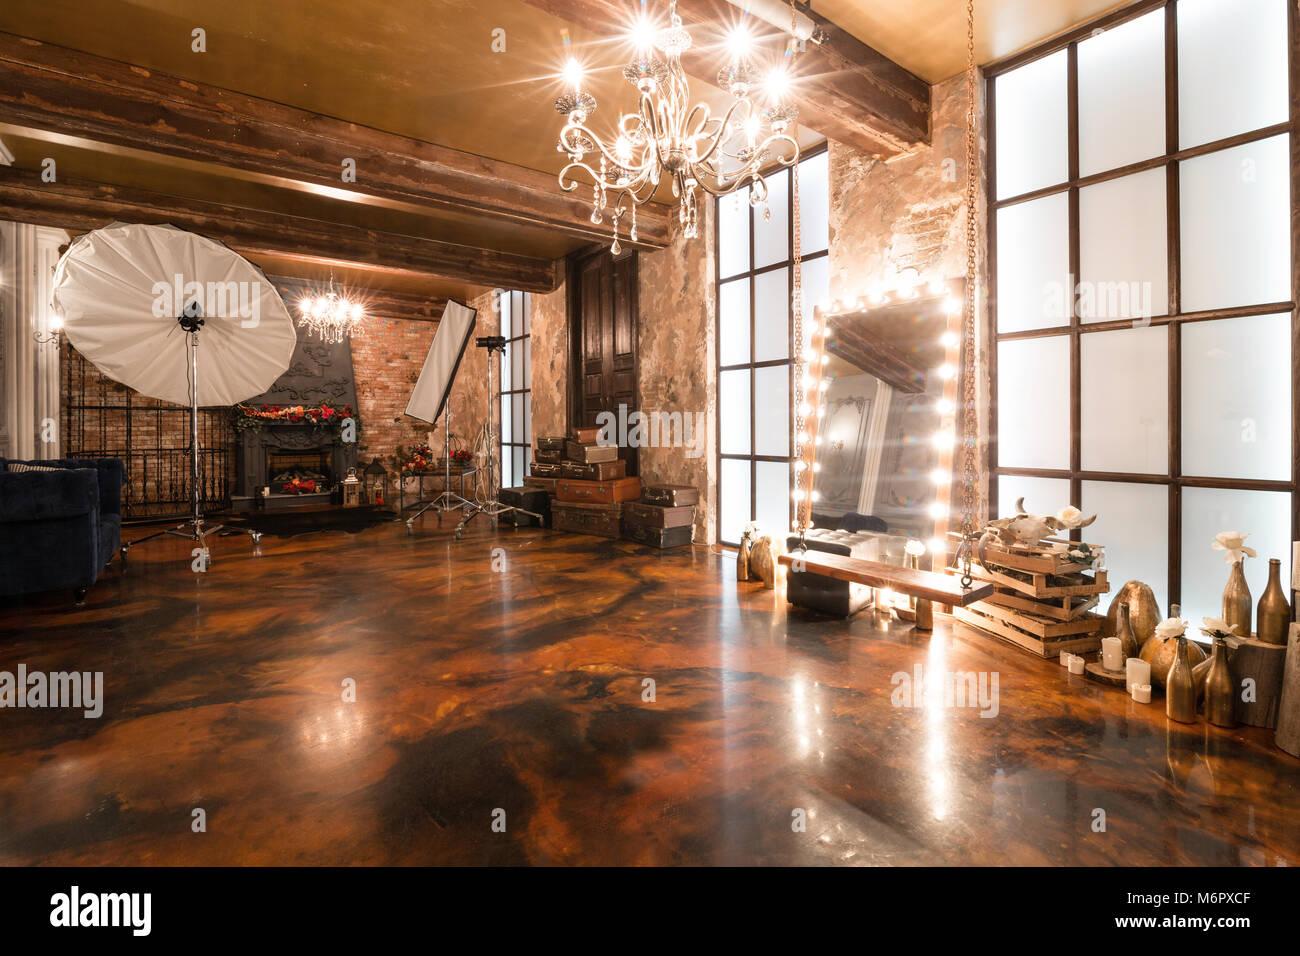 Photo Studio. Loft Innenraum mit Spiegel, Kerzen, Mauer, große ...